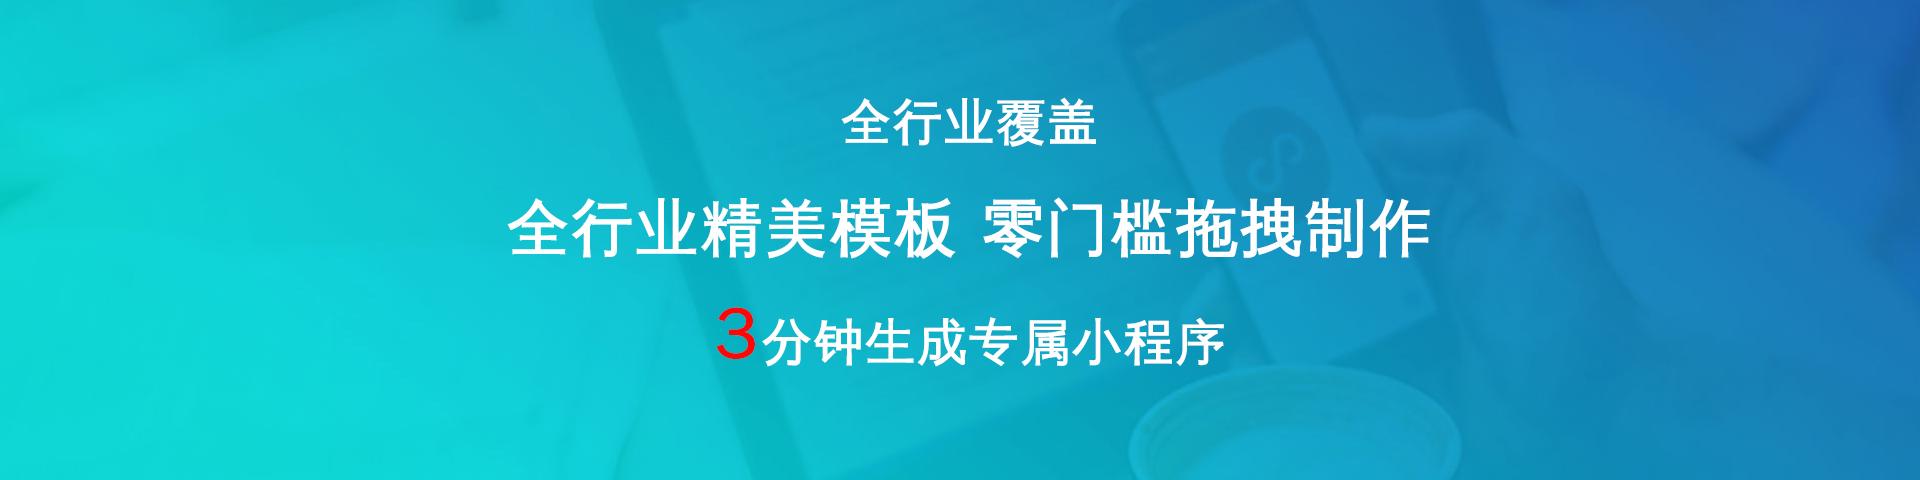 杭州小程序开发